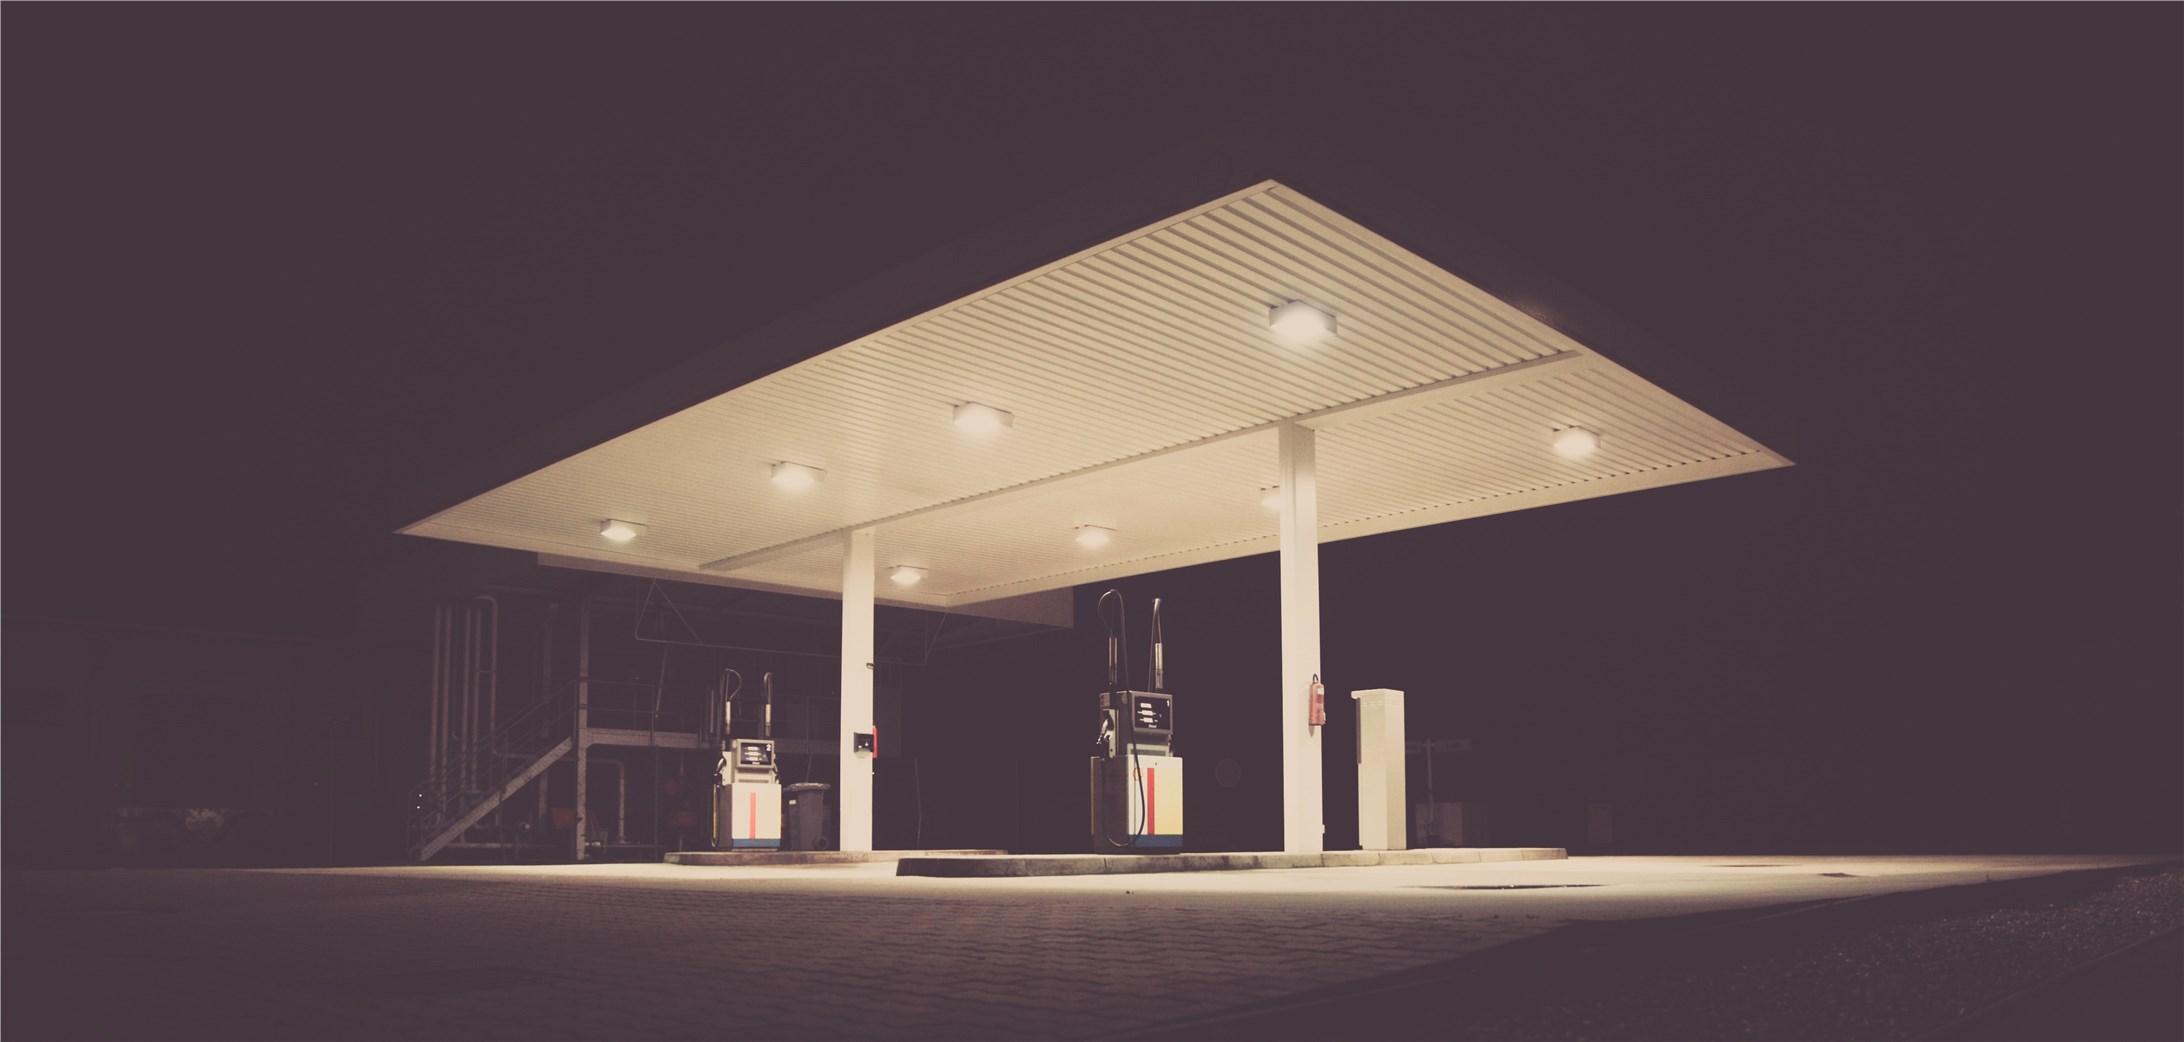 Entendendo o Desafio das Emissões